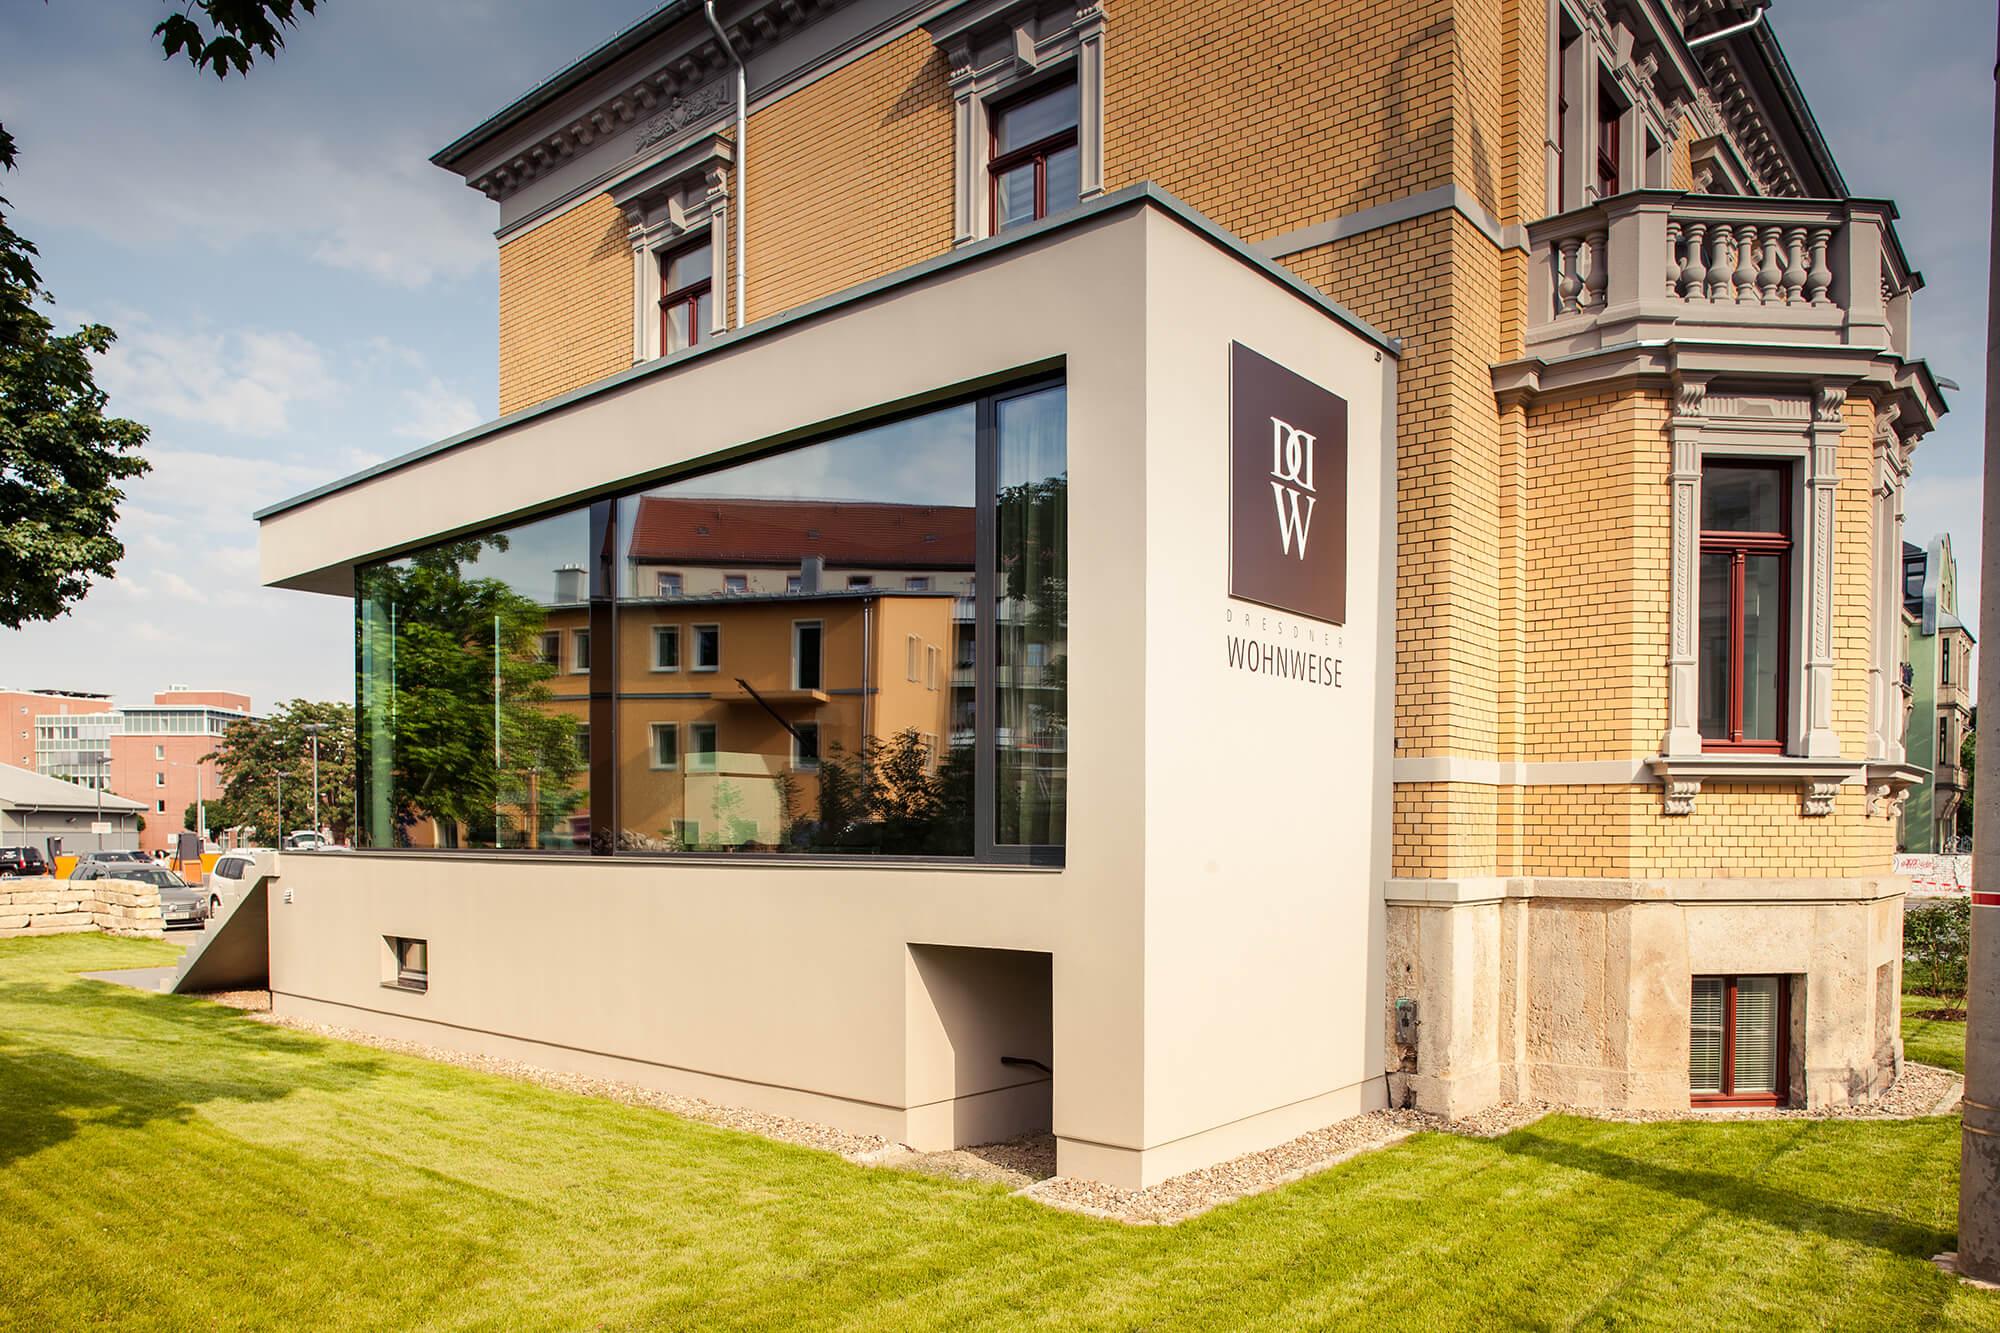 Dresdner wohnweise haus f r ganzheitliche raumgestaltung for Raumgestaltung dresden